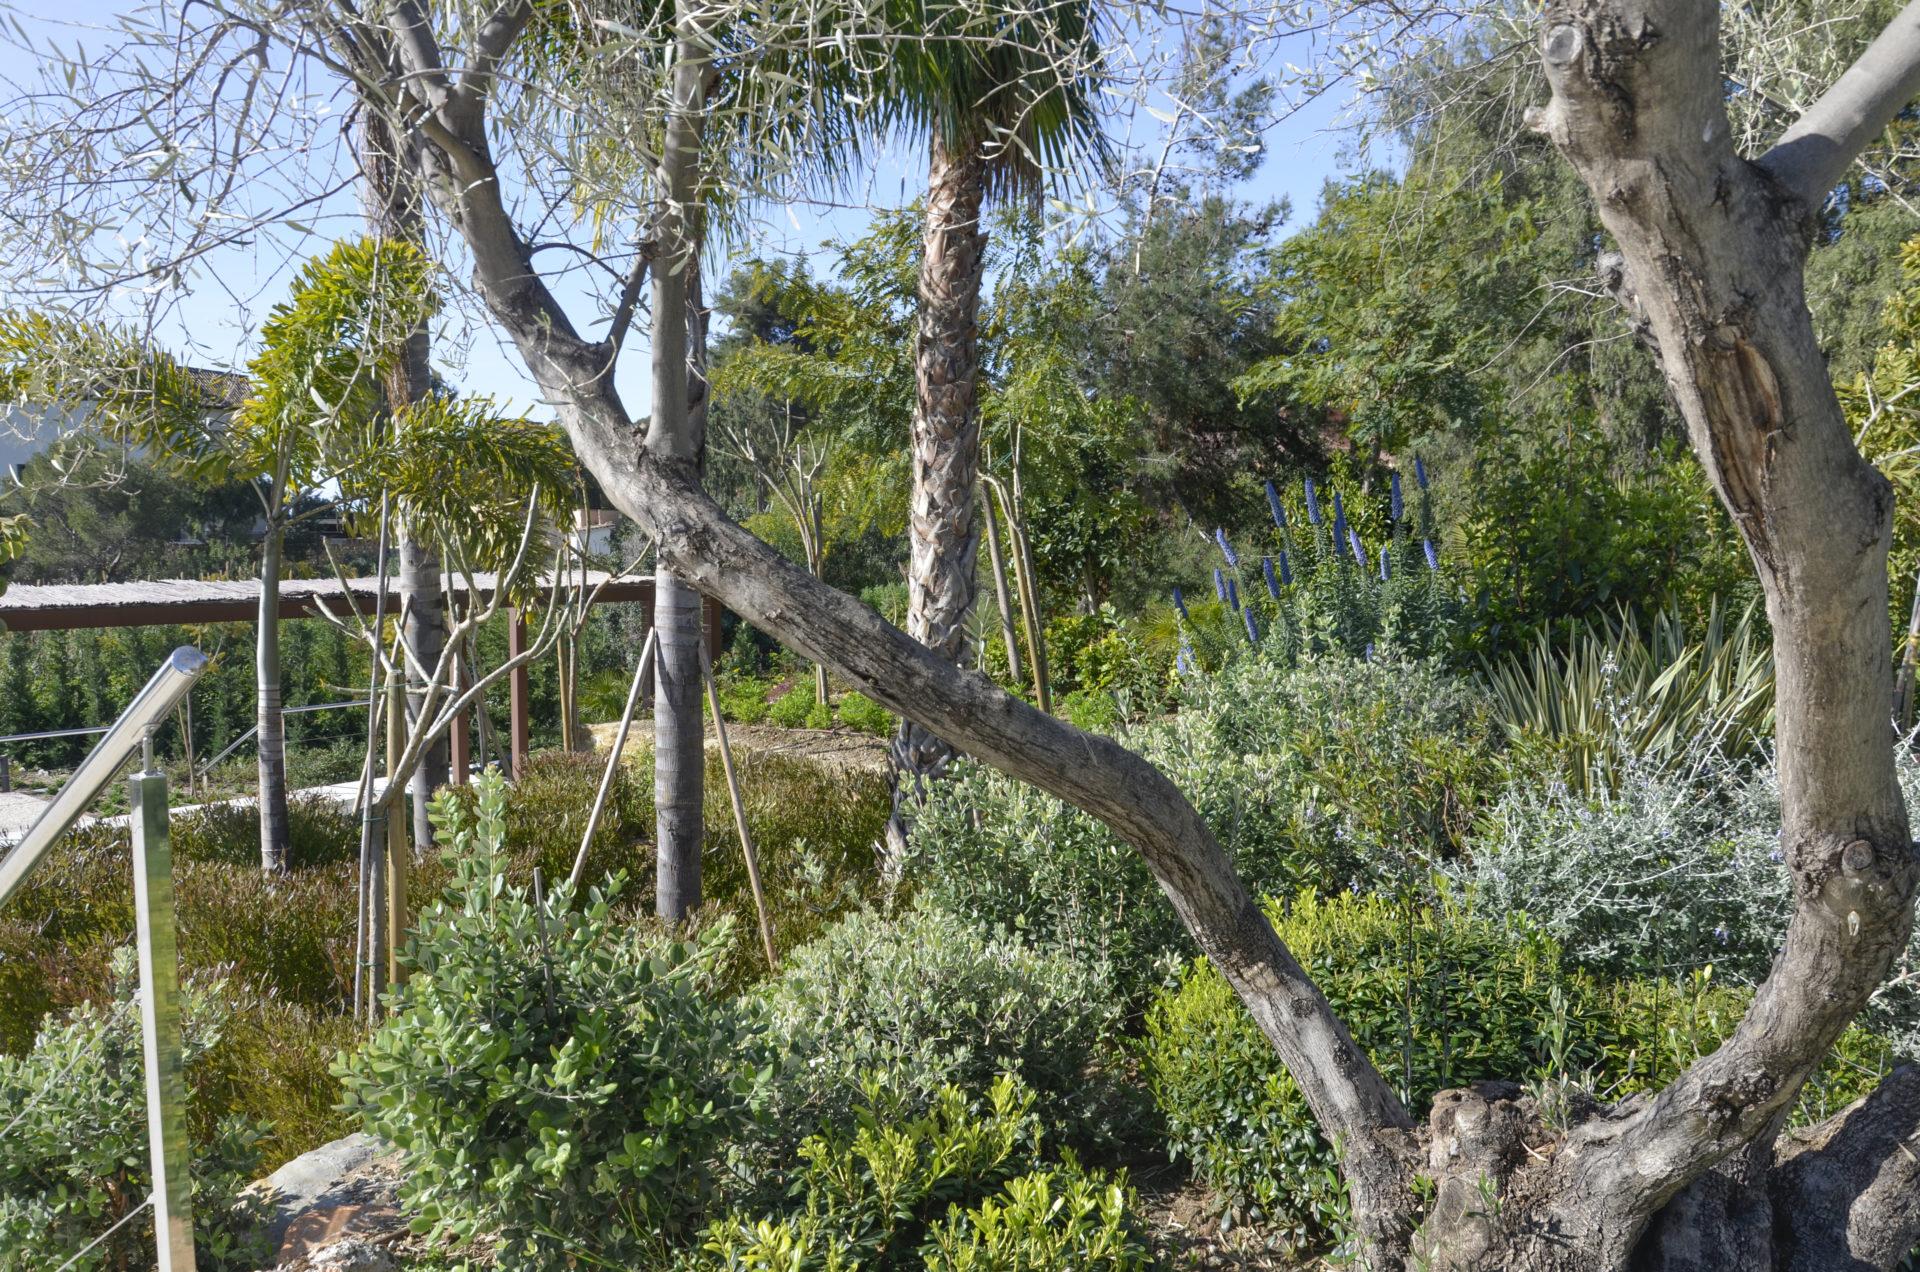 El jardín de Villa Serenity. Marbella. Sierra Blanca